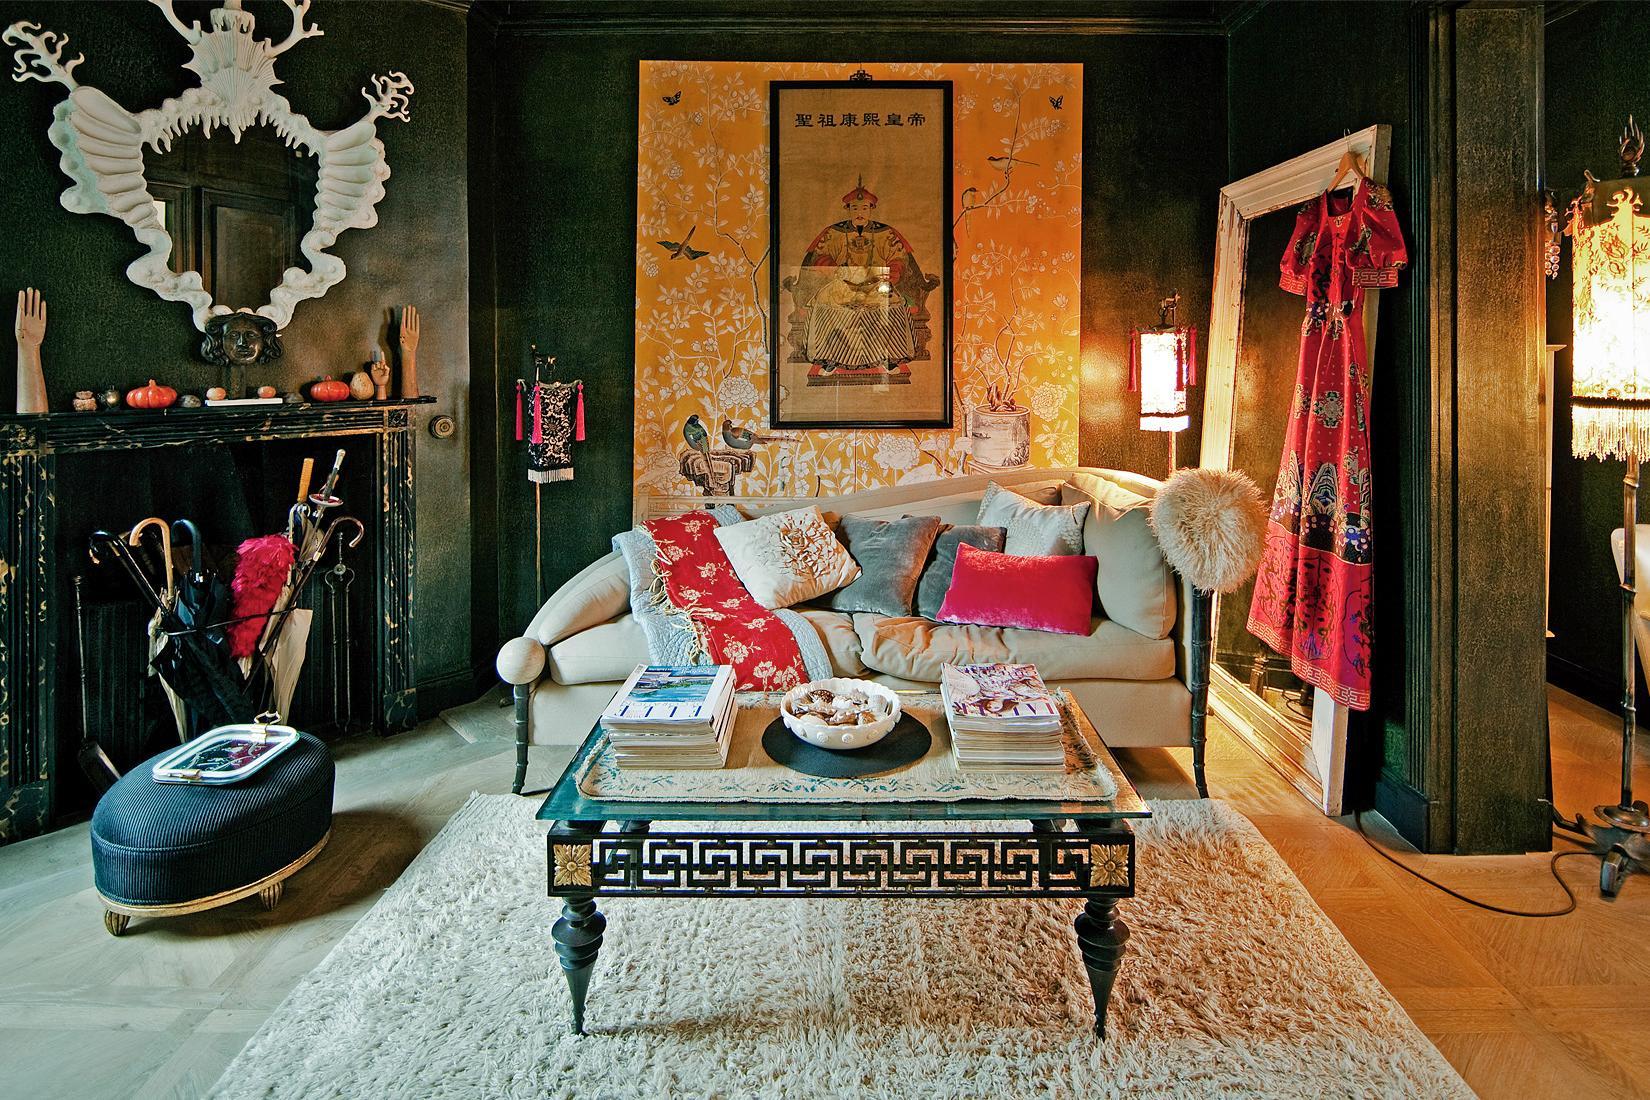 70 moderne, innovative luxus interieur ideen fürs wohnzimmer, Wohnideen design